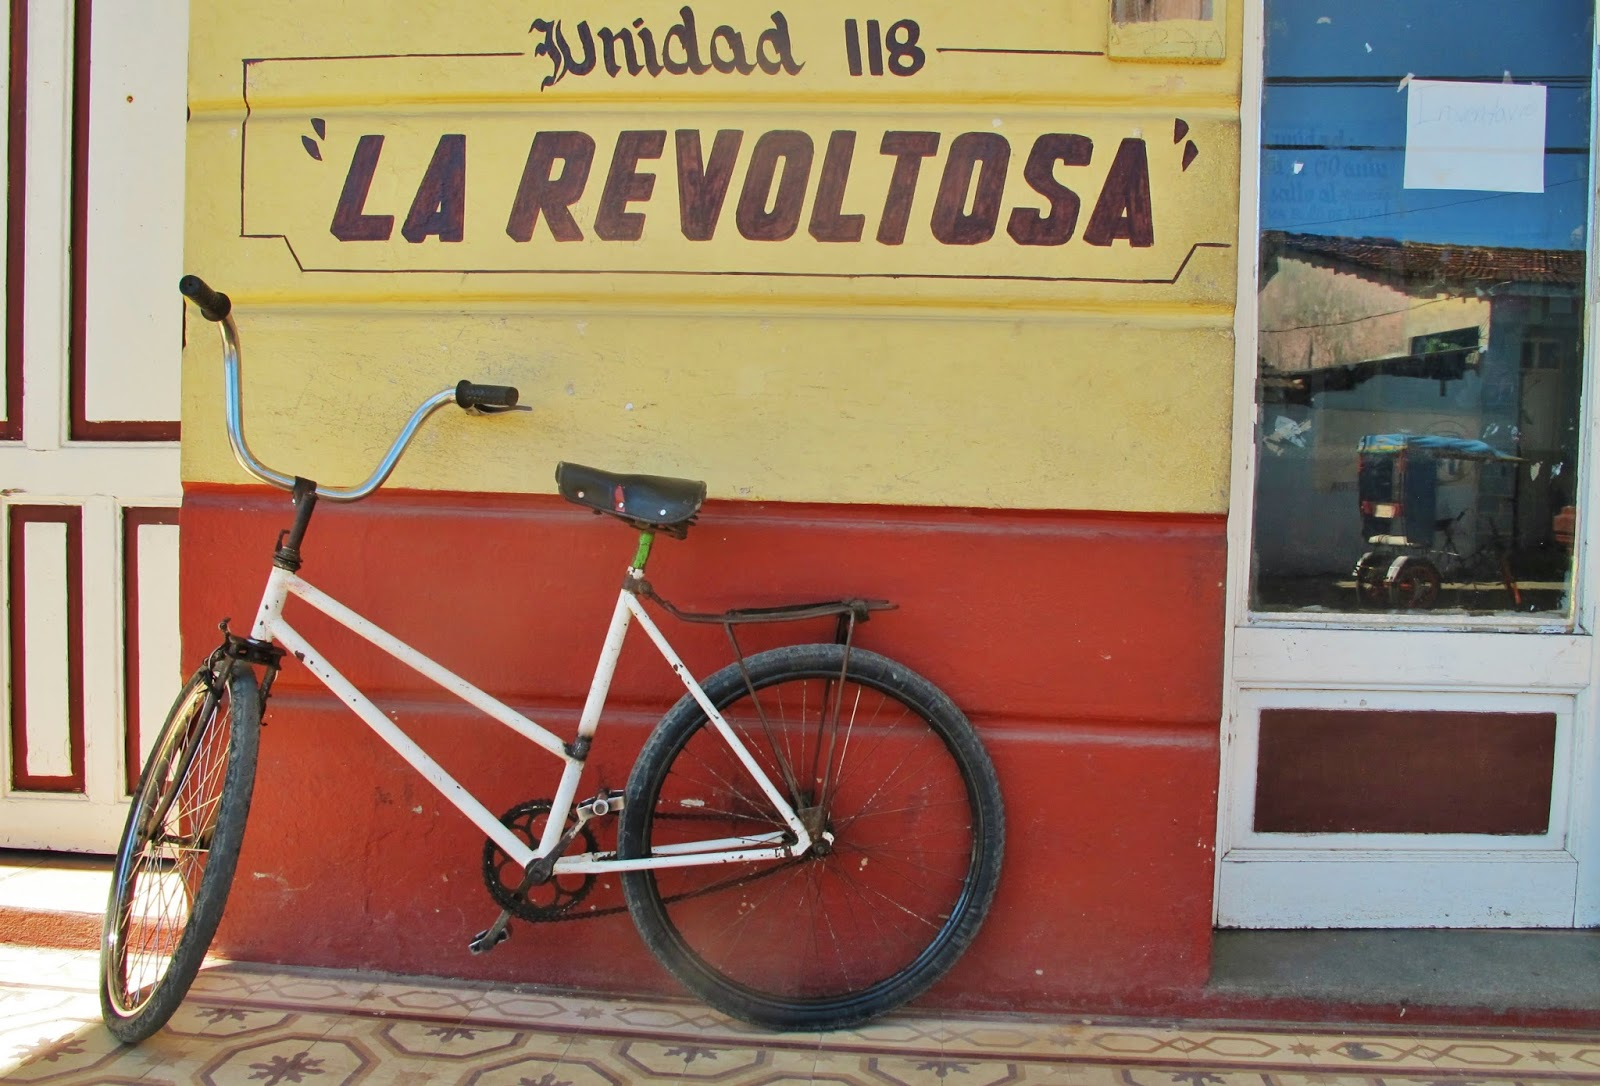 Pelas ruas de Baracoa, uma das regiões mais remotas de Cuba.